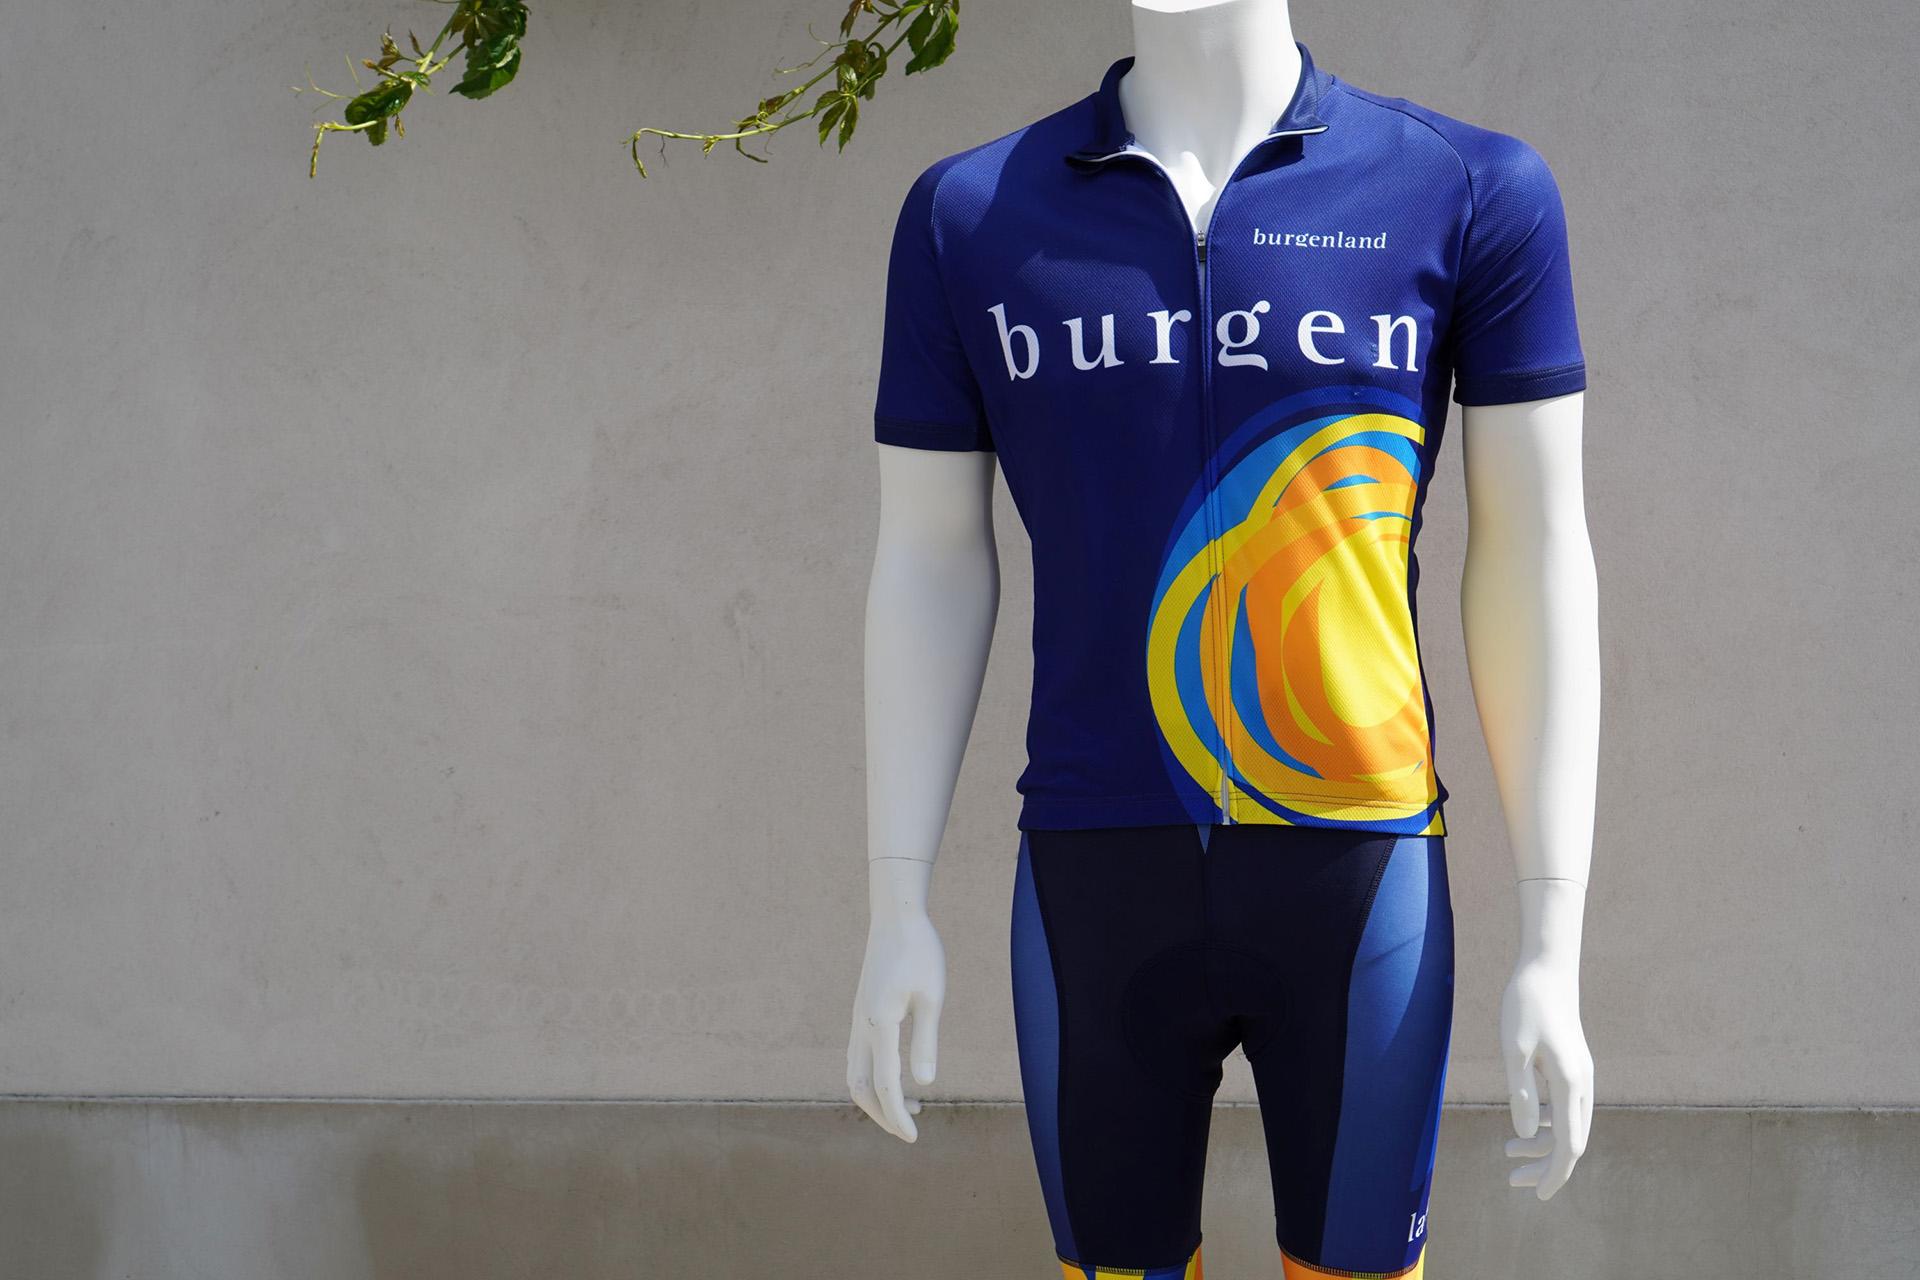 Nyerj komplett kerékpáros ruházatot!-1